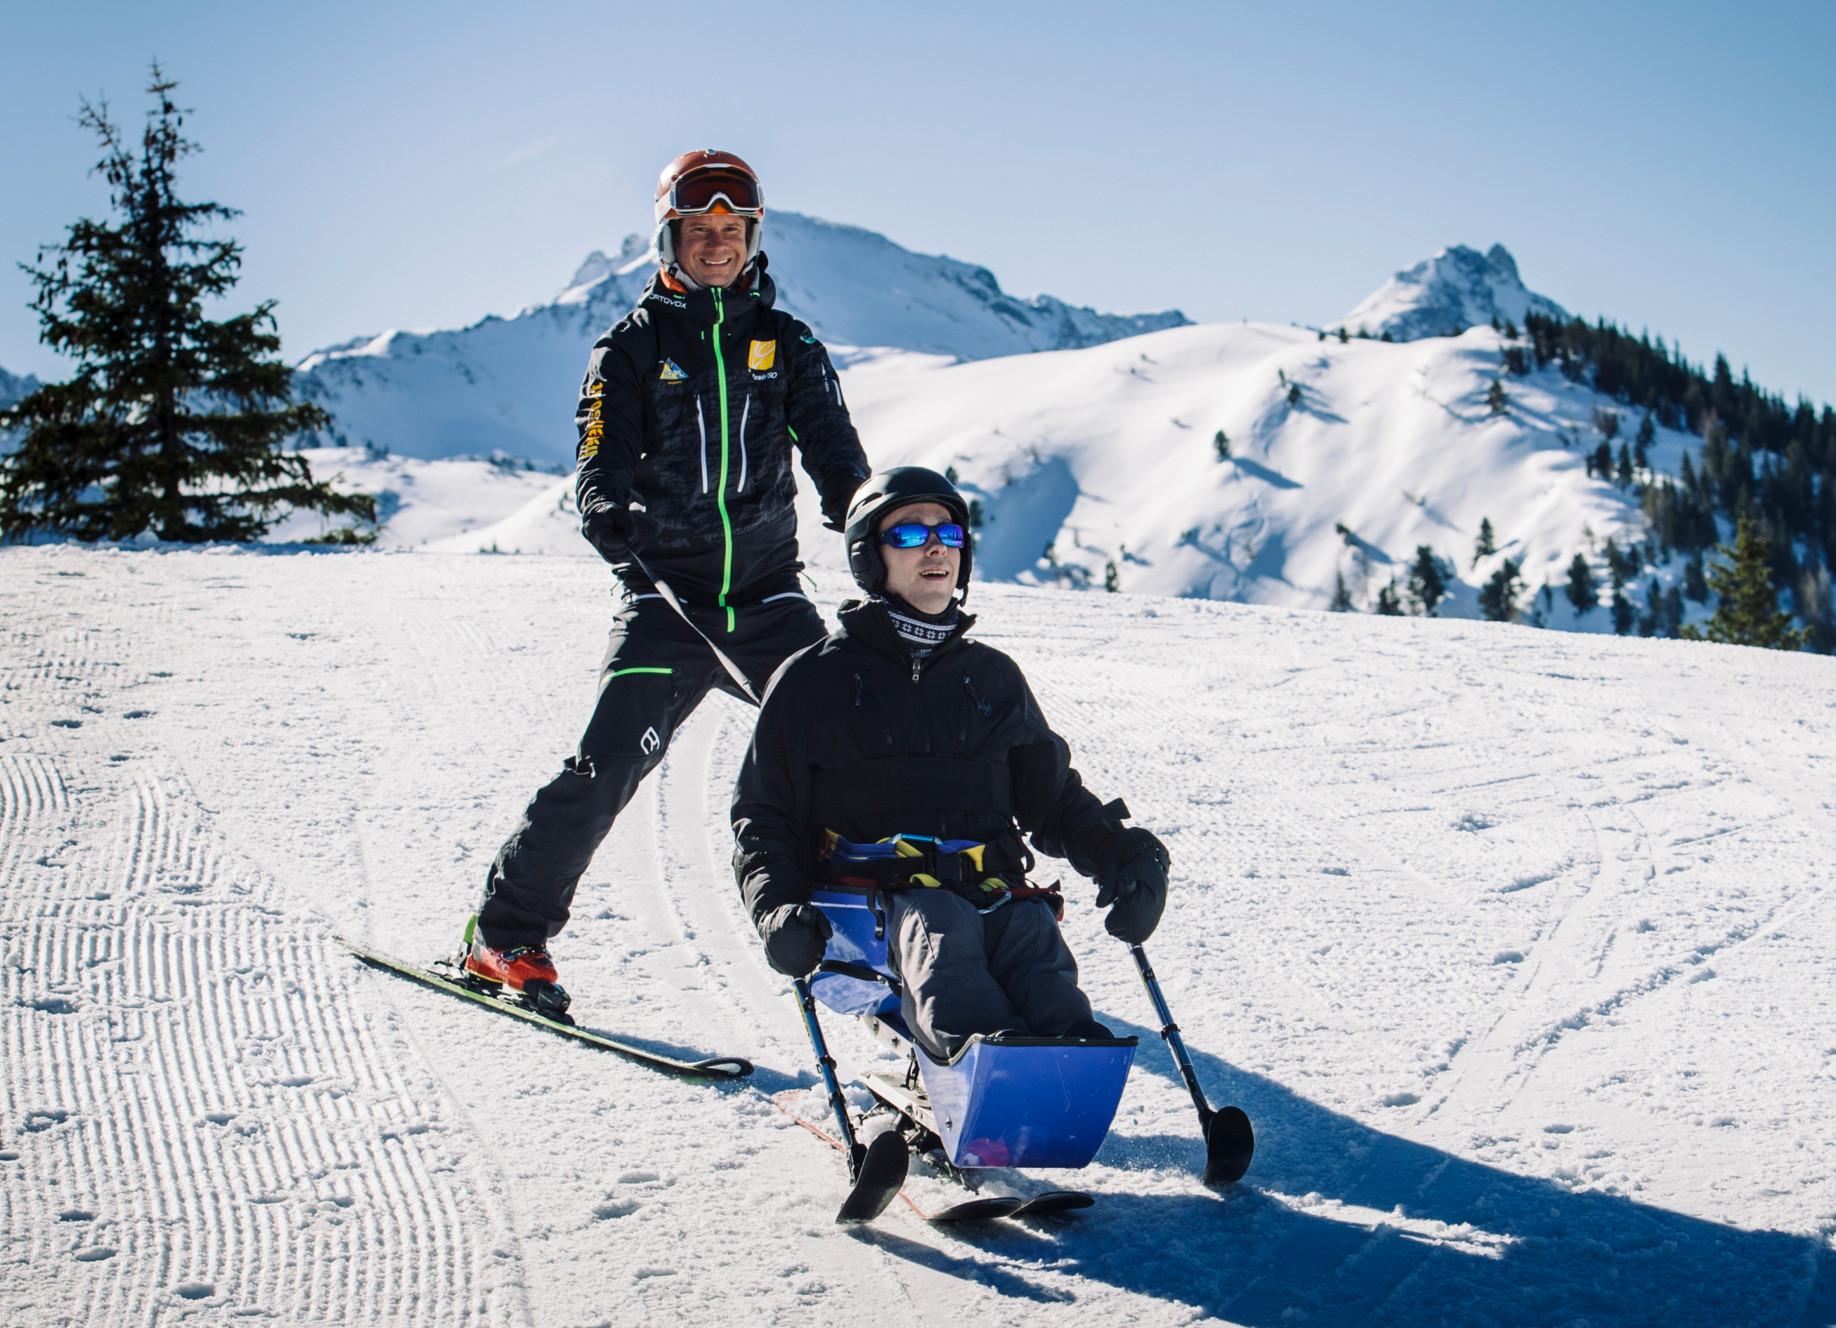 Rollstuhlfahrer beim Skifahren